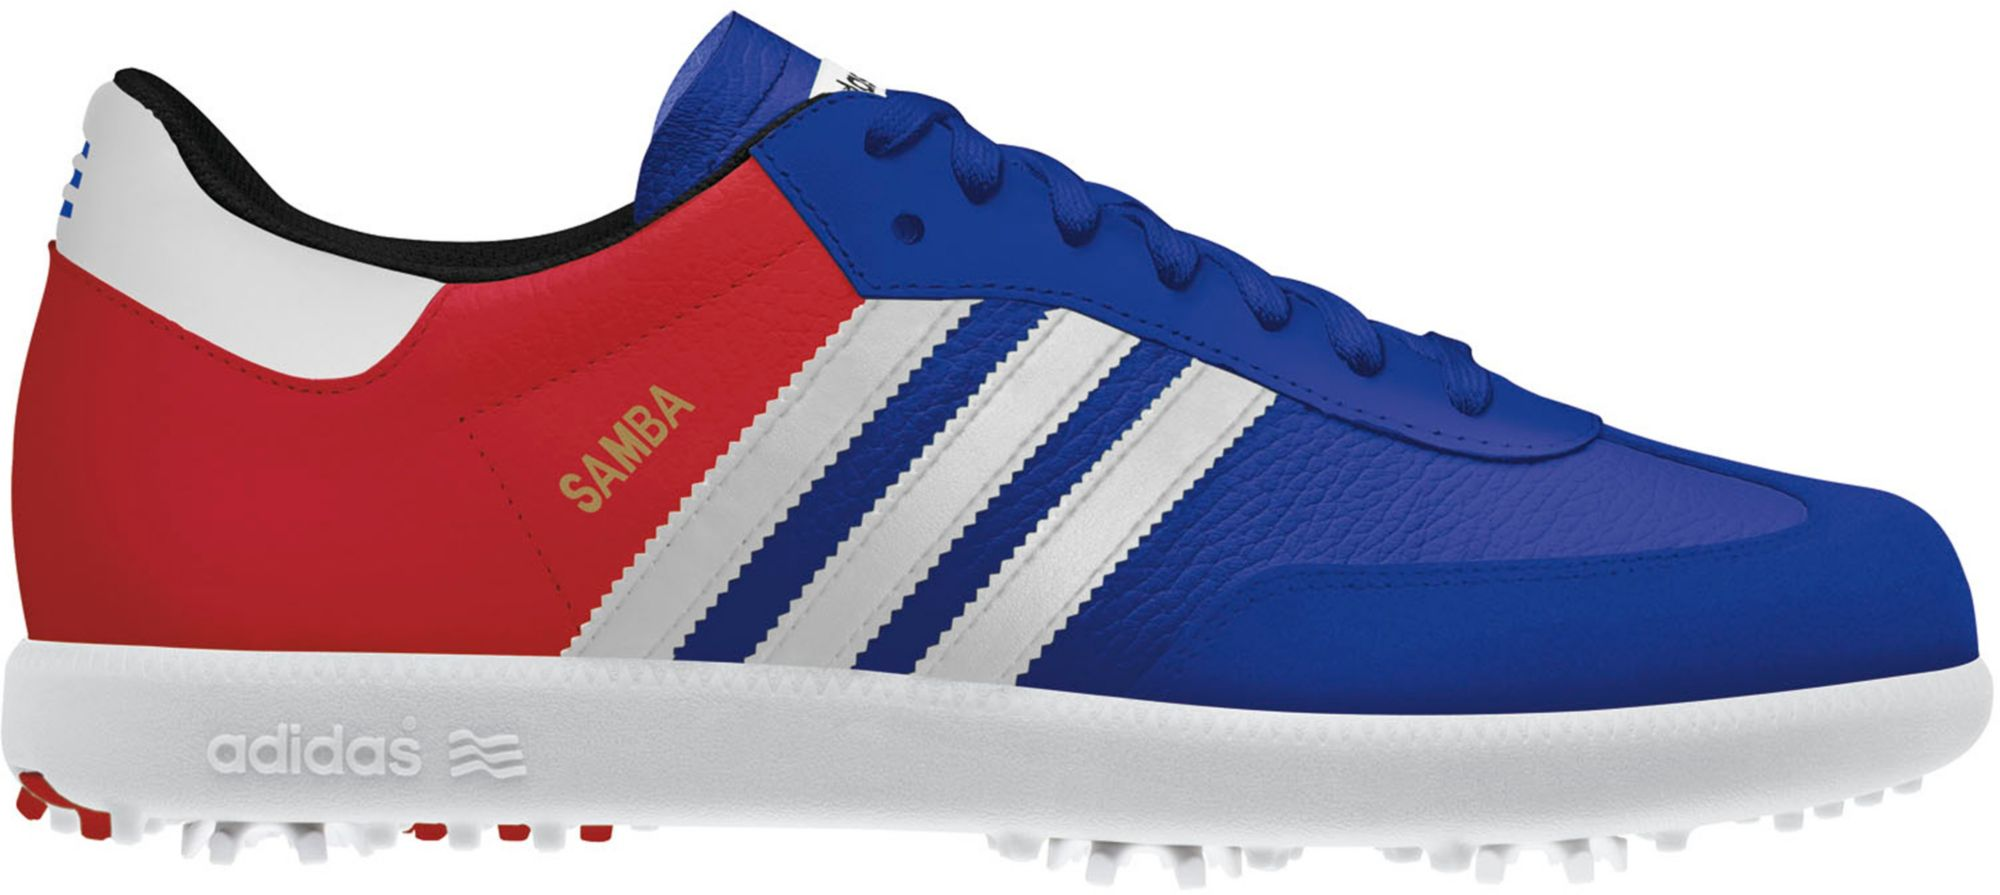 adidas white and blue golf shoes mandala2012 co uk